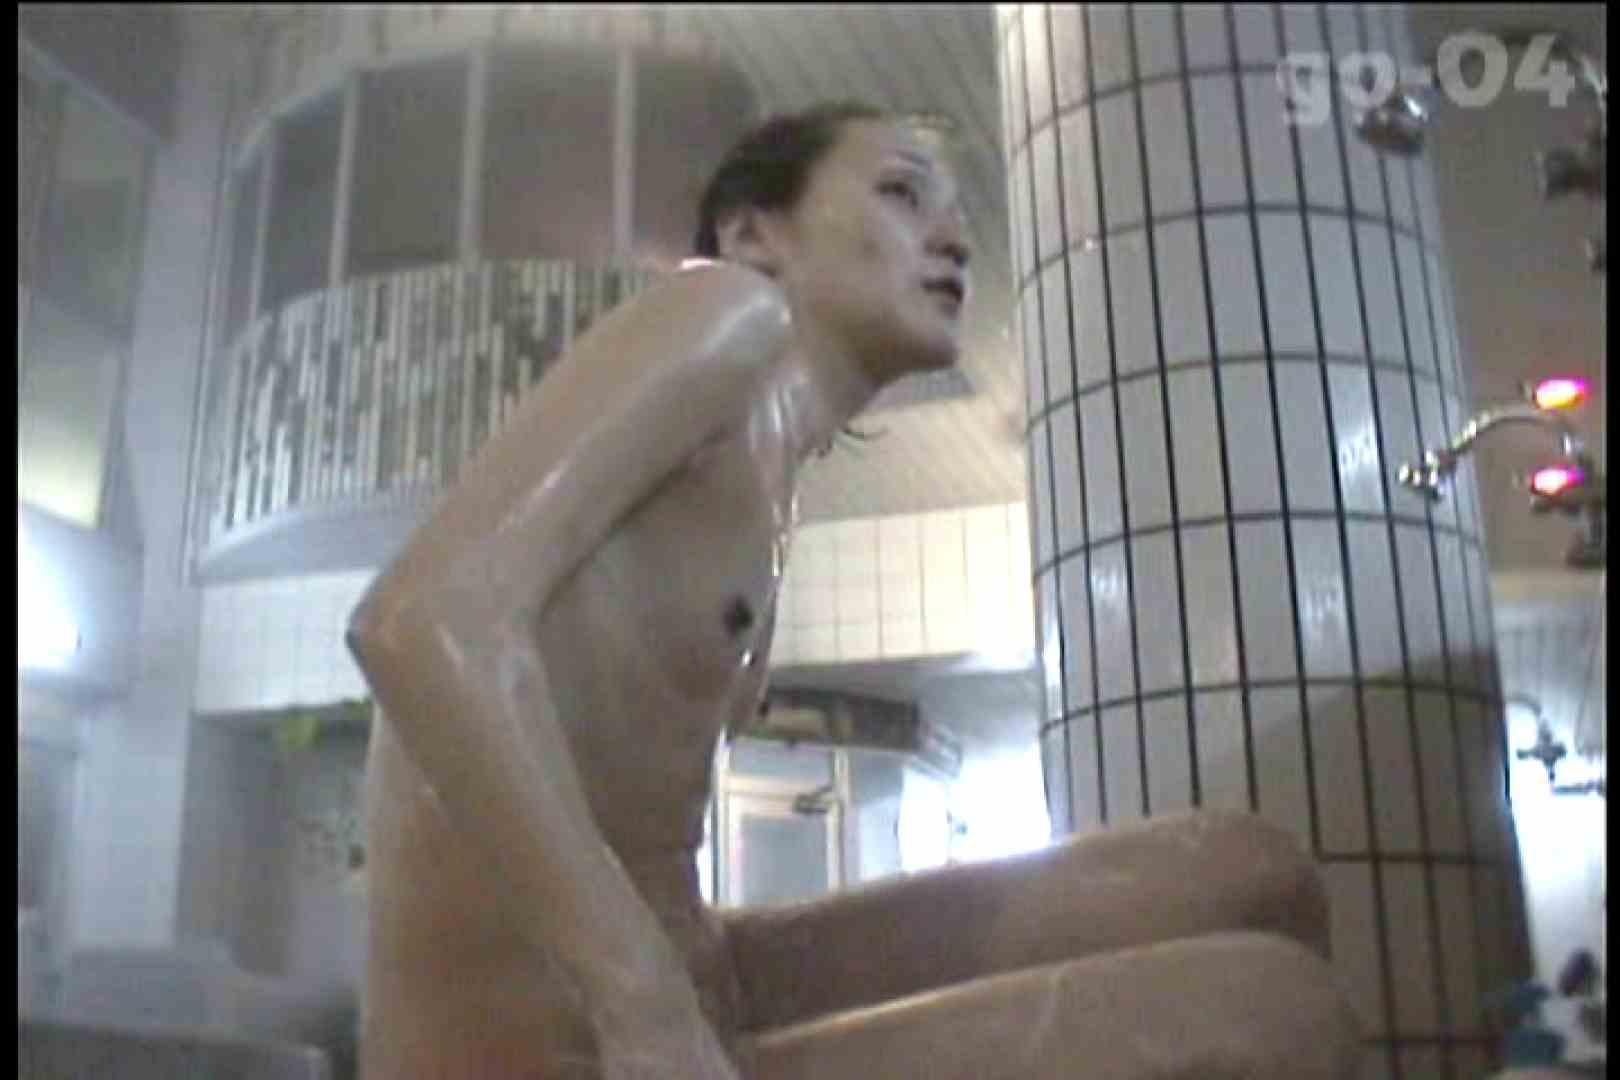 電波カメラ設置浴場からの防HAN映像 Vol.04 シャワー室 アダルト動画キャプチャ 100枚 56